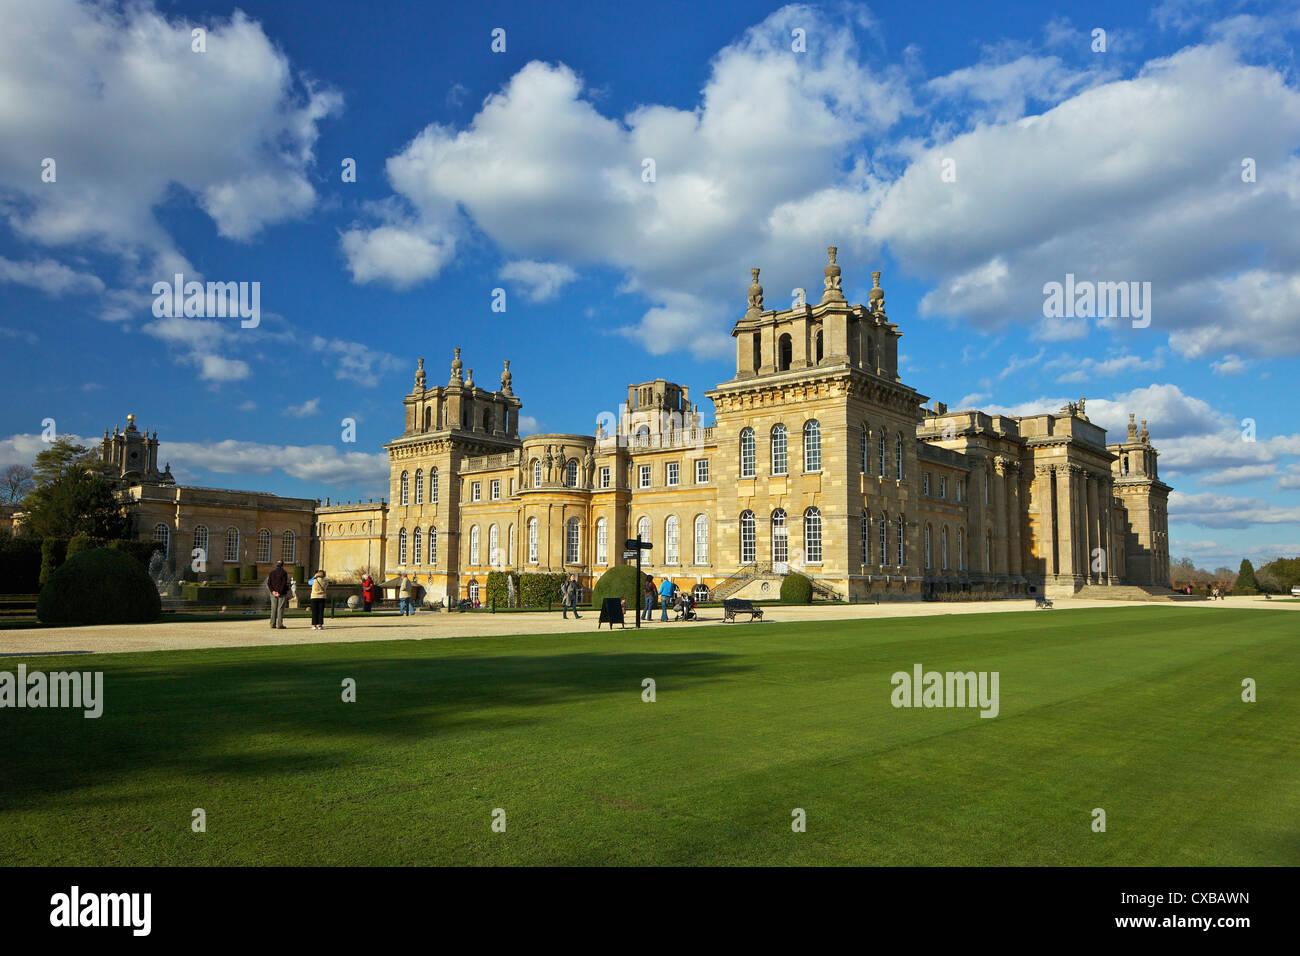 Blenheim Palace, UNESCO World Heritage Site, Woodstock, Oxfordshire, England, United Kingdom, Europe - Stock Image